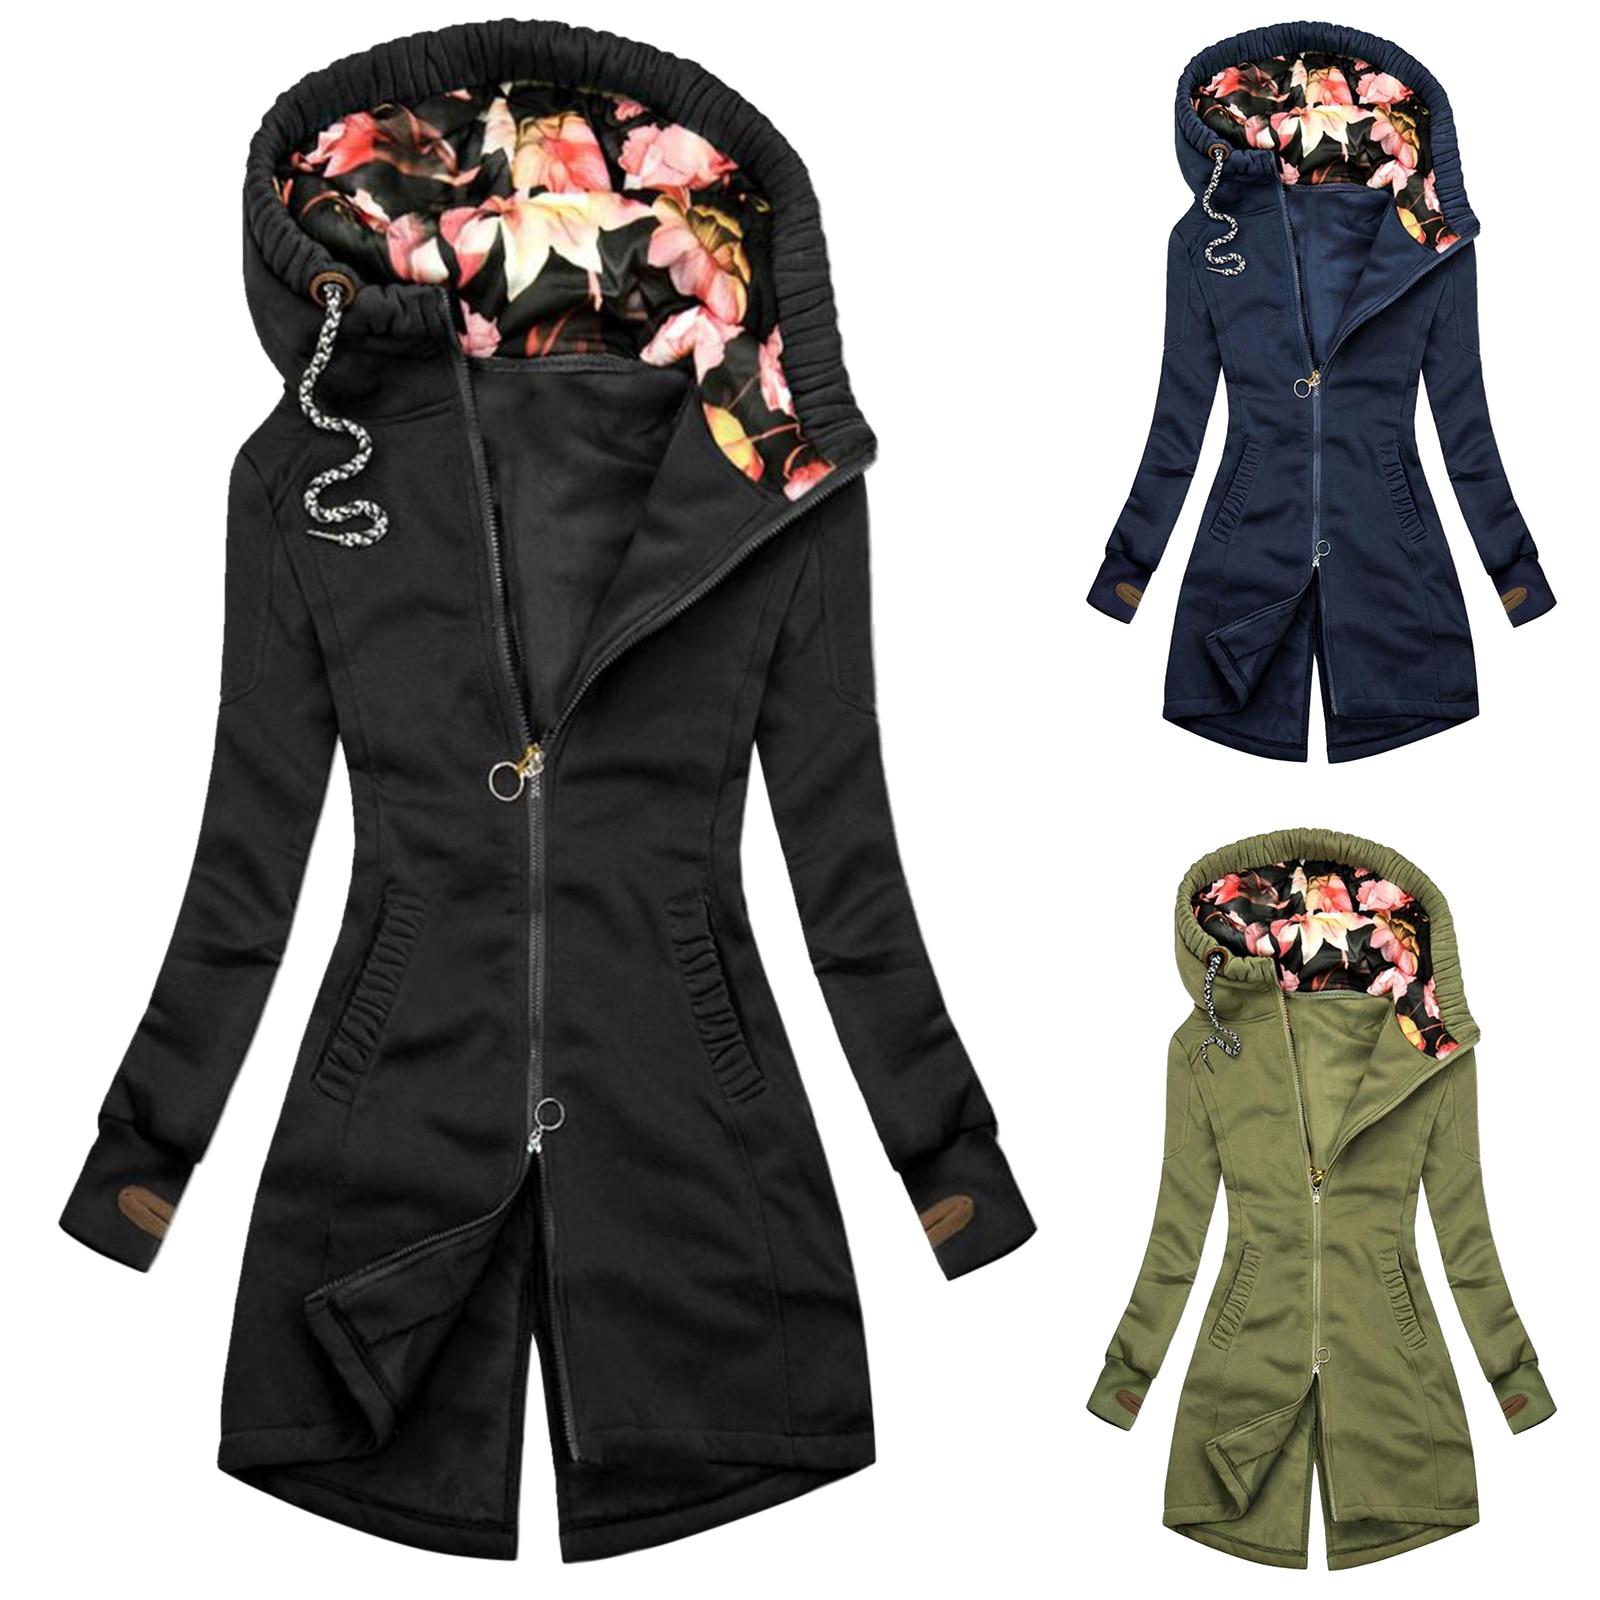 Фото - Зимнее женское пальто средней длины, женское модное тонкое Асимметричное пальто с капюшоном, куртка, пальто пальто средней длины с капюшоном